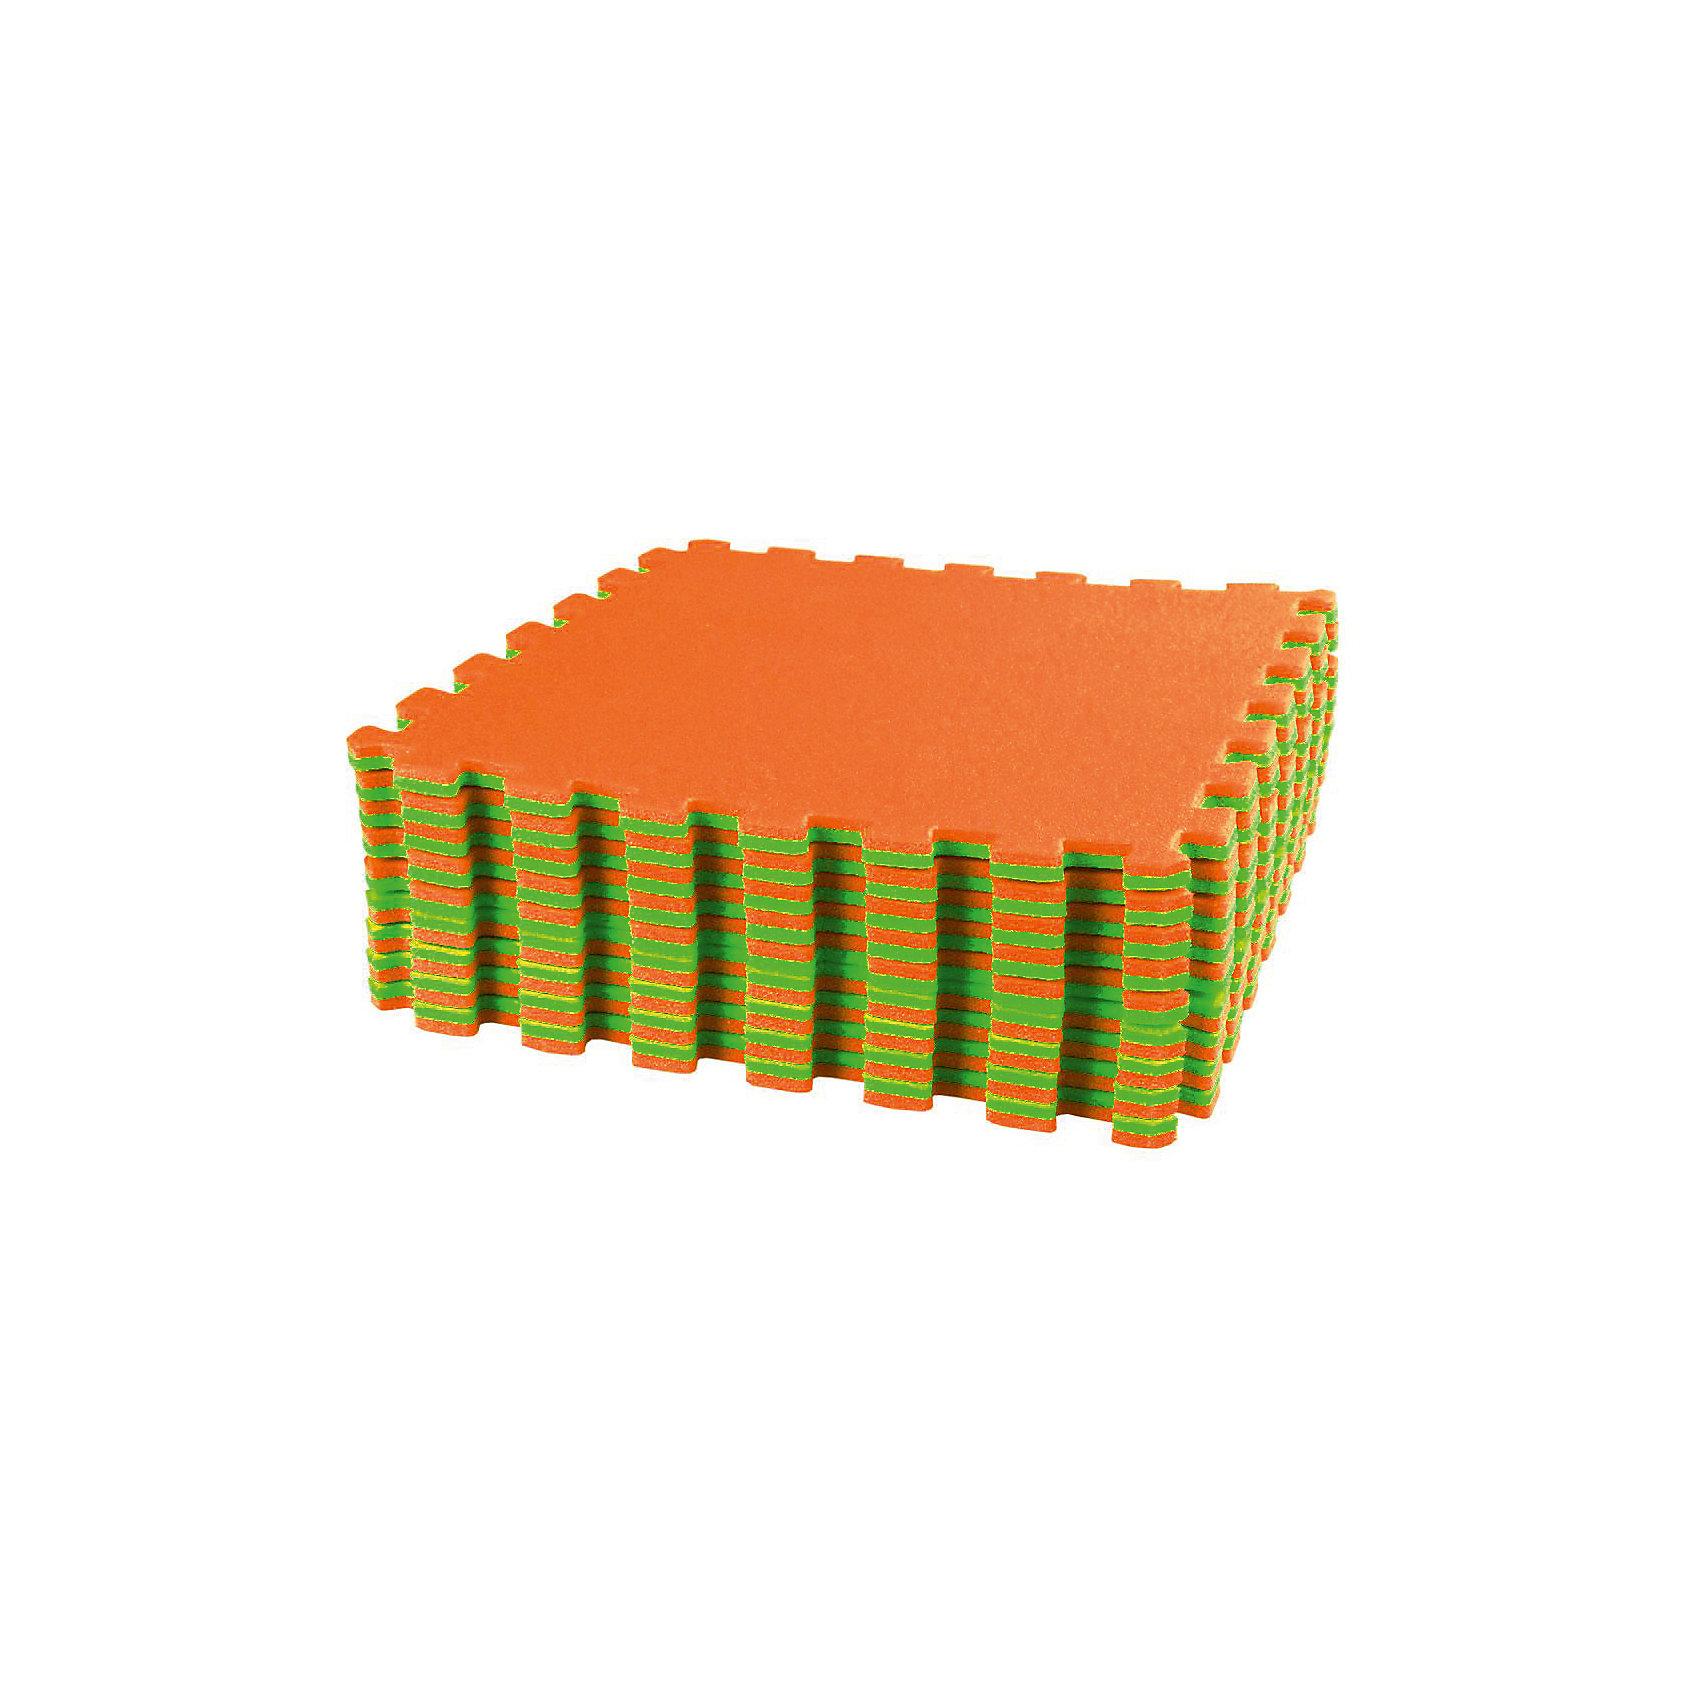 Коврик спортивный (1270х1270), Alternativa, салатовый-оранжевый